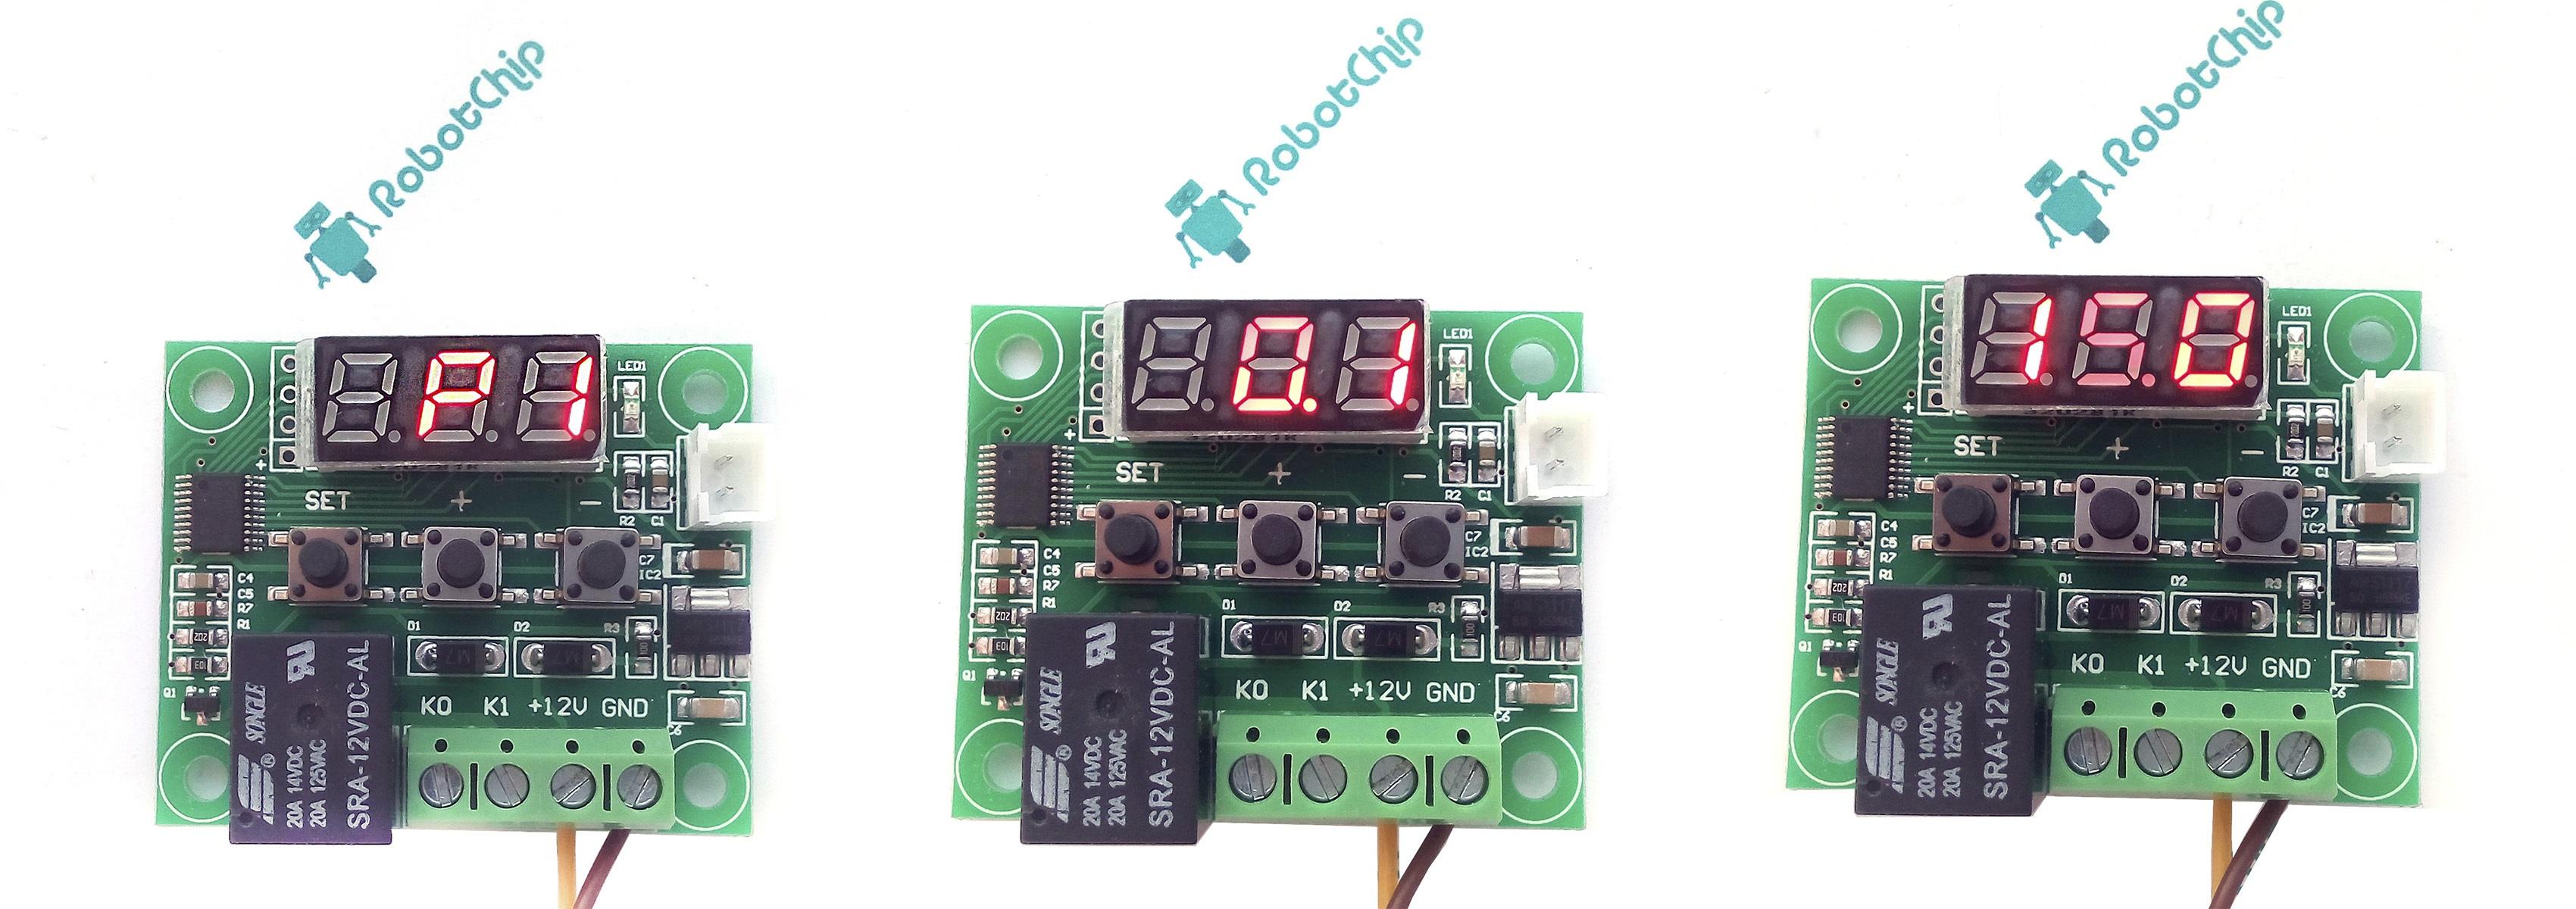 Терморегулятор XH-W1209 - настройка меню P1